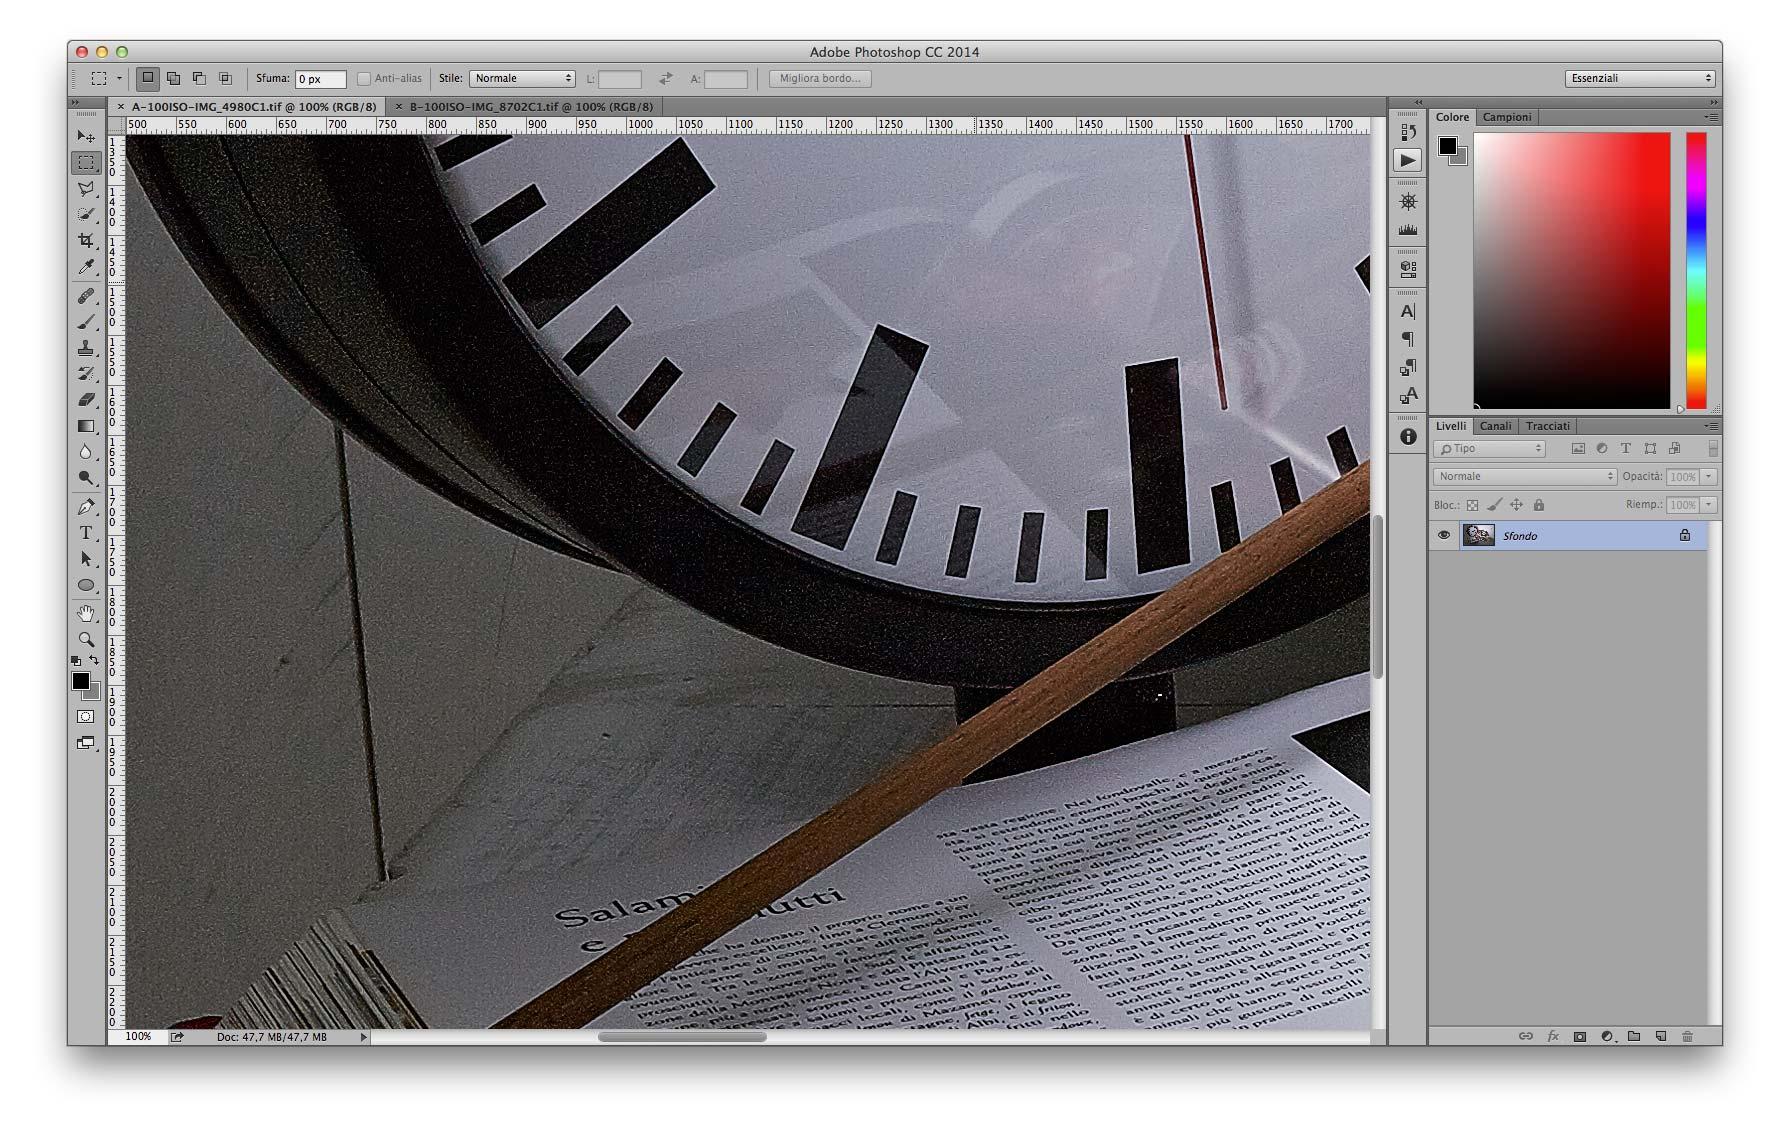 Dettaglio Ombre - A 35mm f/11 100 ISO Recuperati +2EV in sviluppo